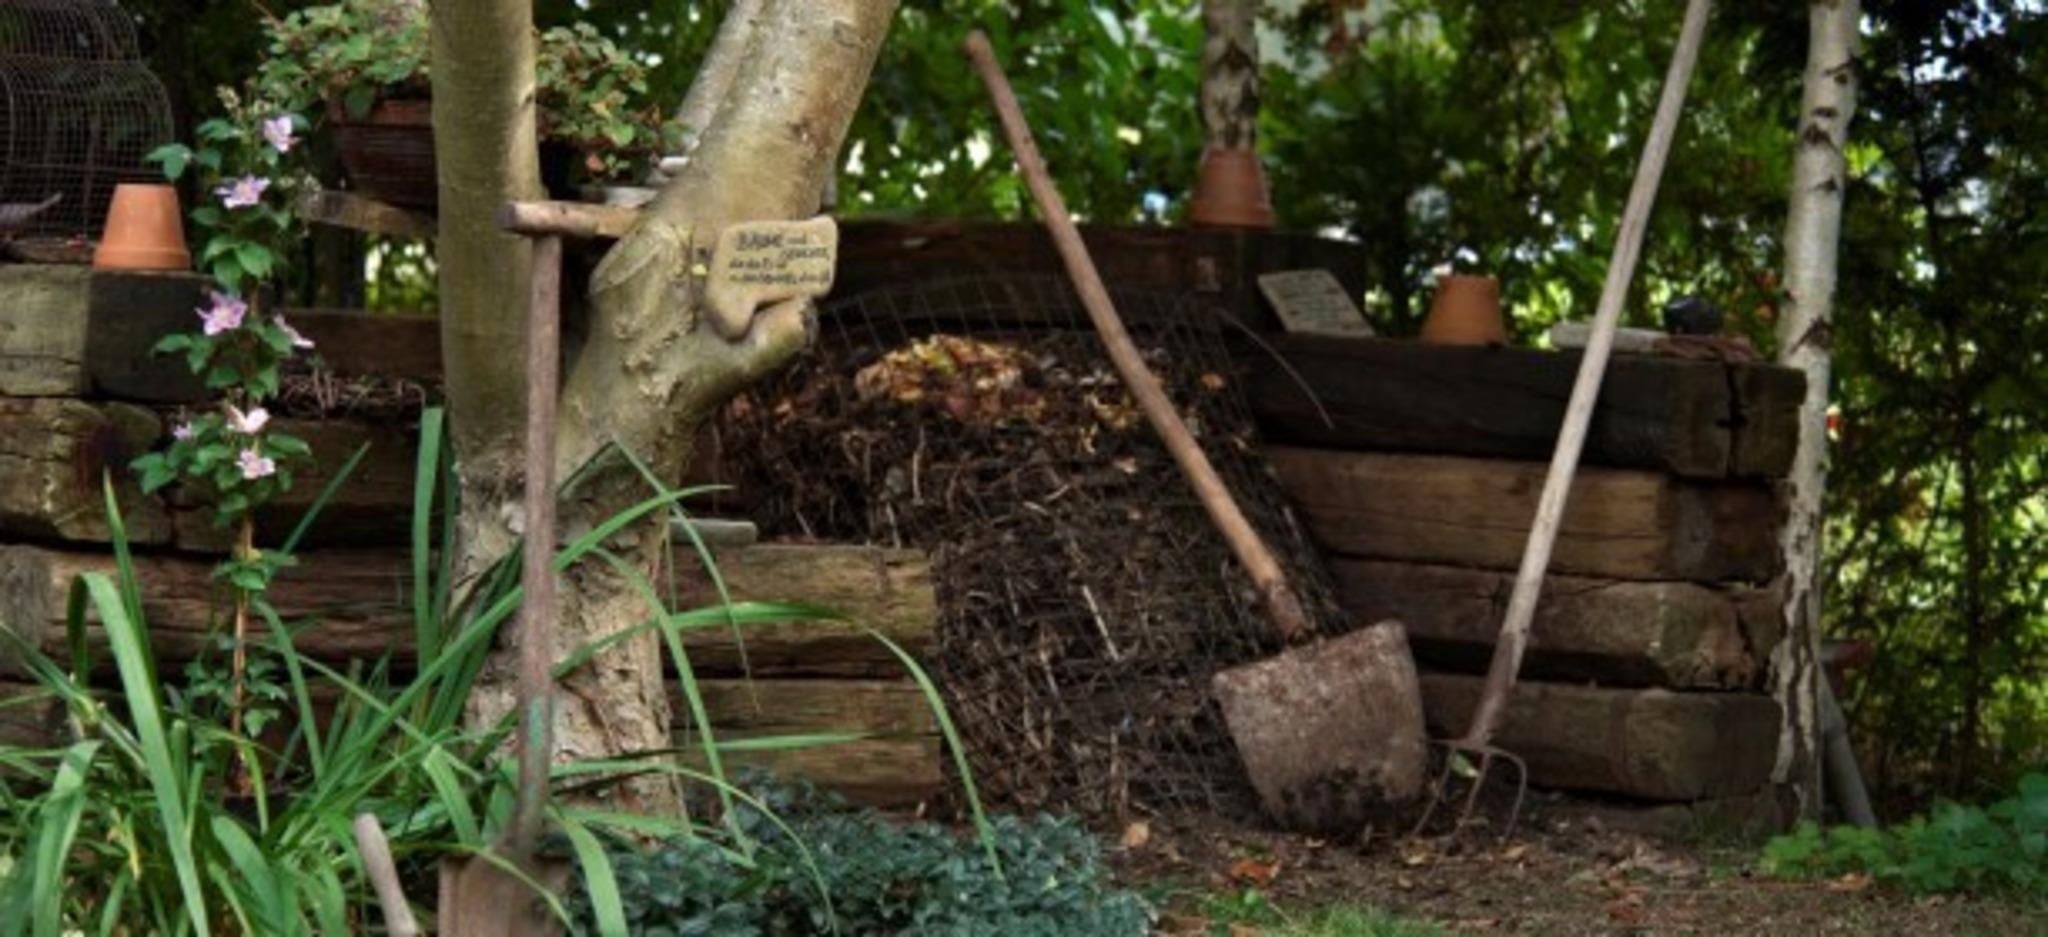 kompost im garten gesundheit und n hrstoffe f r unsere pflanzen tulln. Black Bedroom Furniture Sets. Home Design Ideas